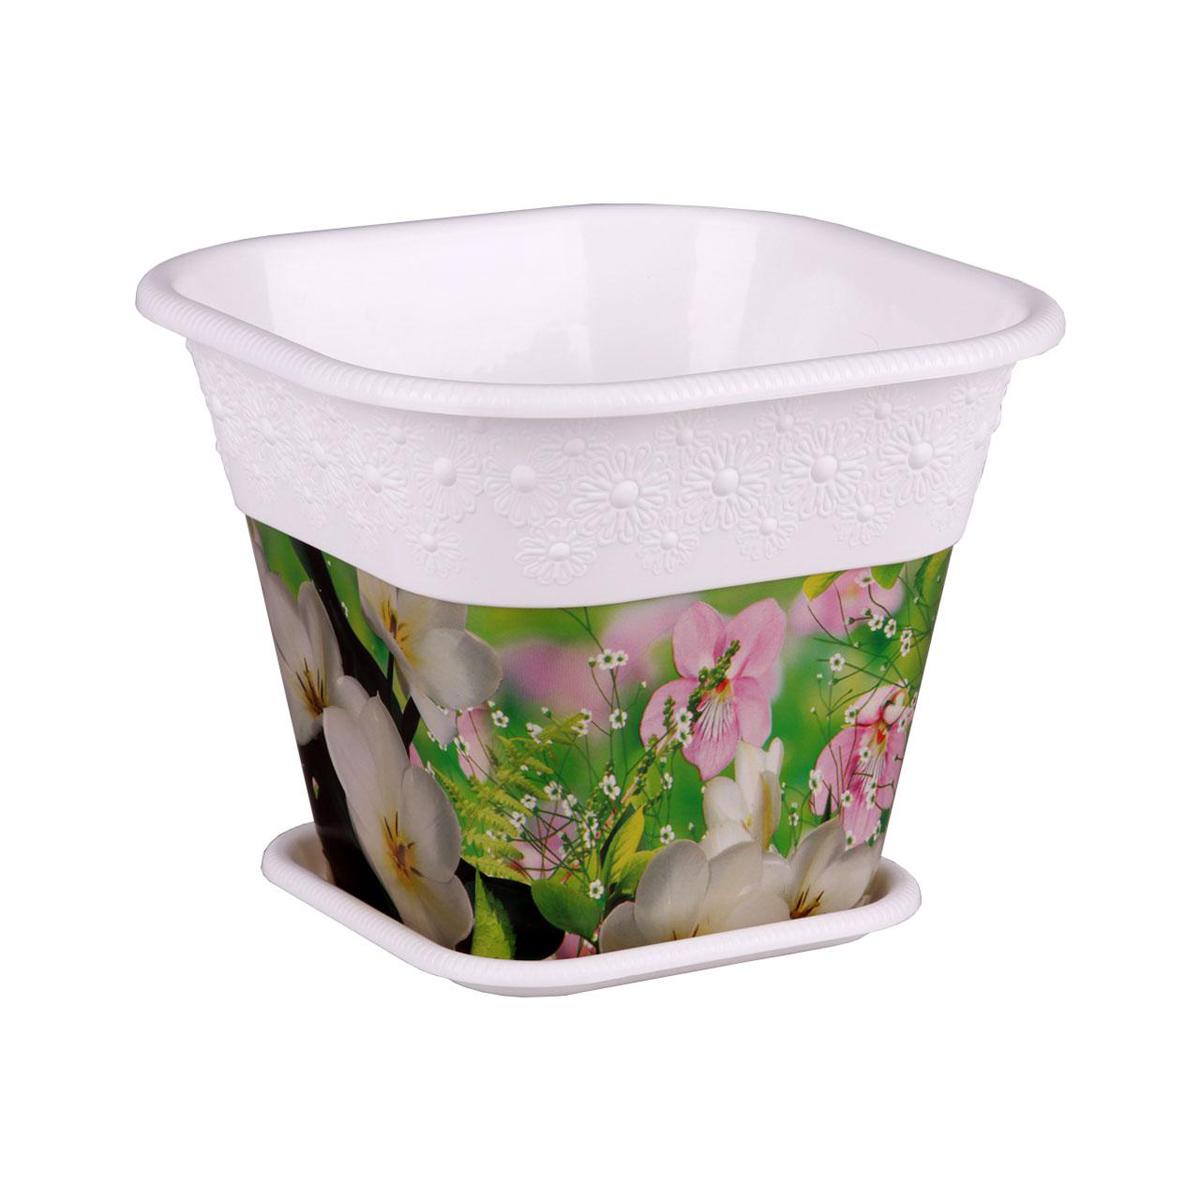 Кашпо Альтернатива Весенняя пора, с поддоном, цвет: белый, 1,5 лKOC_SOL249_G4Квадратное кашпо Альтернатива Весенняя пора изготовлено из высококачественного пластика и подходит для выращивания растений и цветов в домашних условиях. Такие изделия часто становятся последним штрихом, который совершенно изменяет интерьер помещения или ландшафтный дизайн сада. Благодаря такому кашпо вы сможете украсить вашу комнату, офис, сад и другие места. Изделие оснащено специальным поддоном и декорировано ярким изображением цветов.Объем кашпо: 1,5 л. Размер кашпо (по верхнему краю): 16 см х 16 см. Высота кашпо: 13 см. Размер поддона: 11,5 см х 11,5 см.